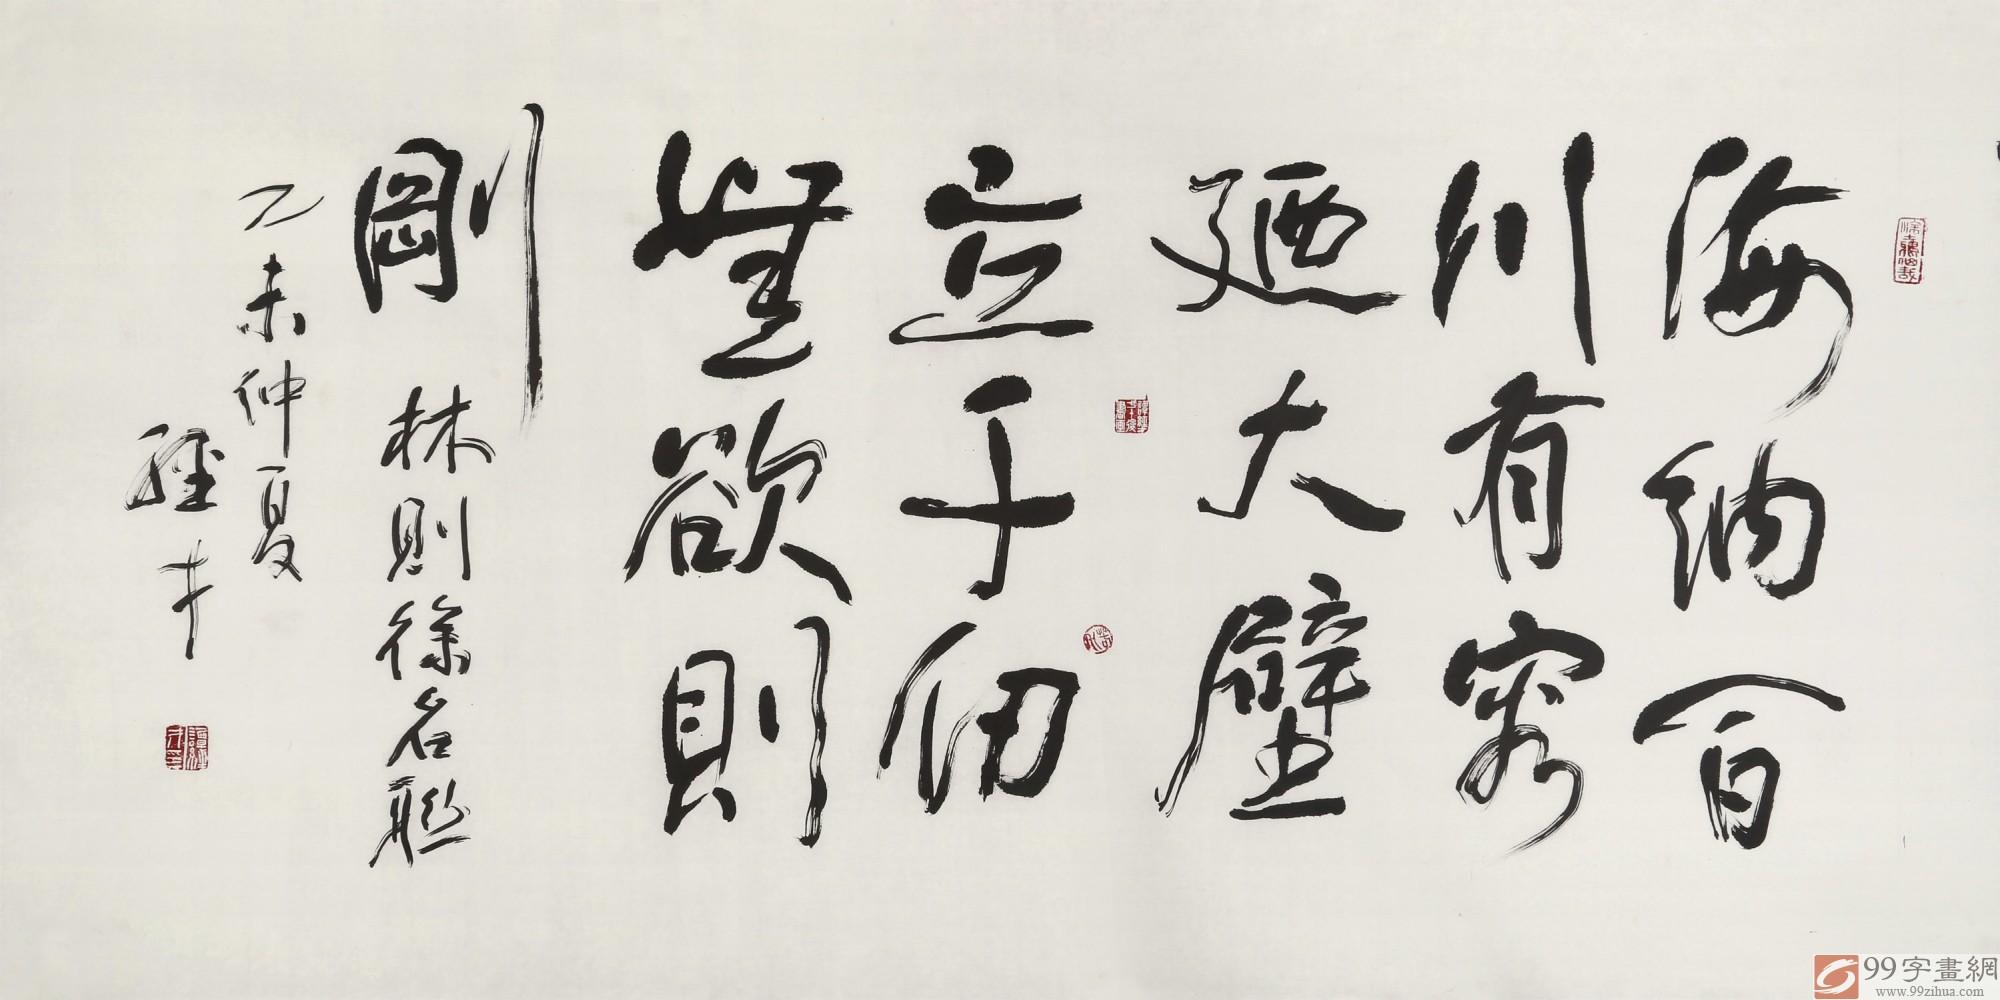 首页 书法作品 草书  品名:海纳百川 有容乃大               材质